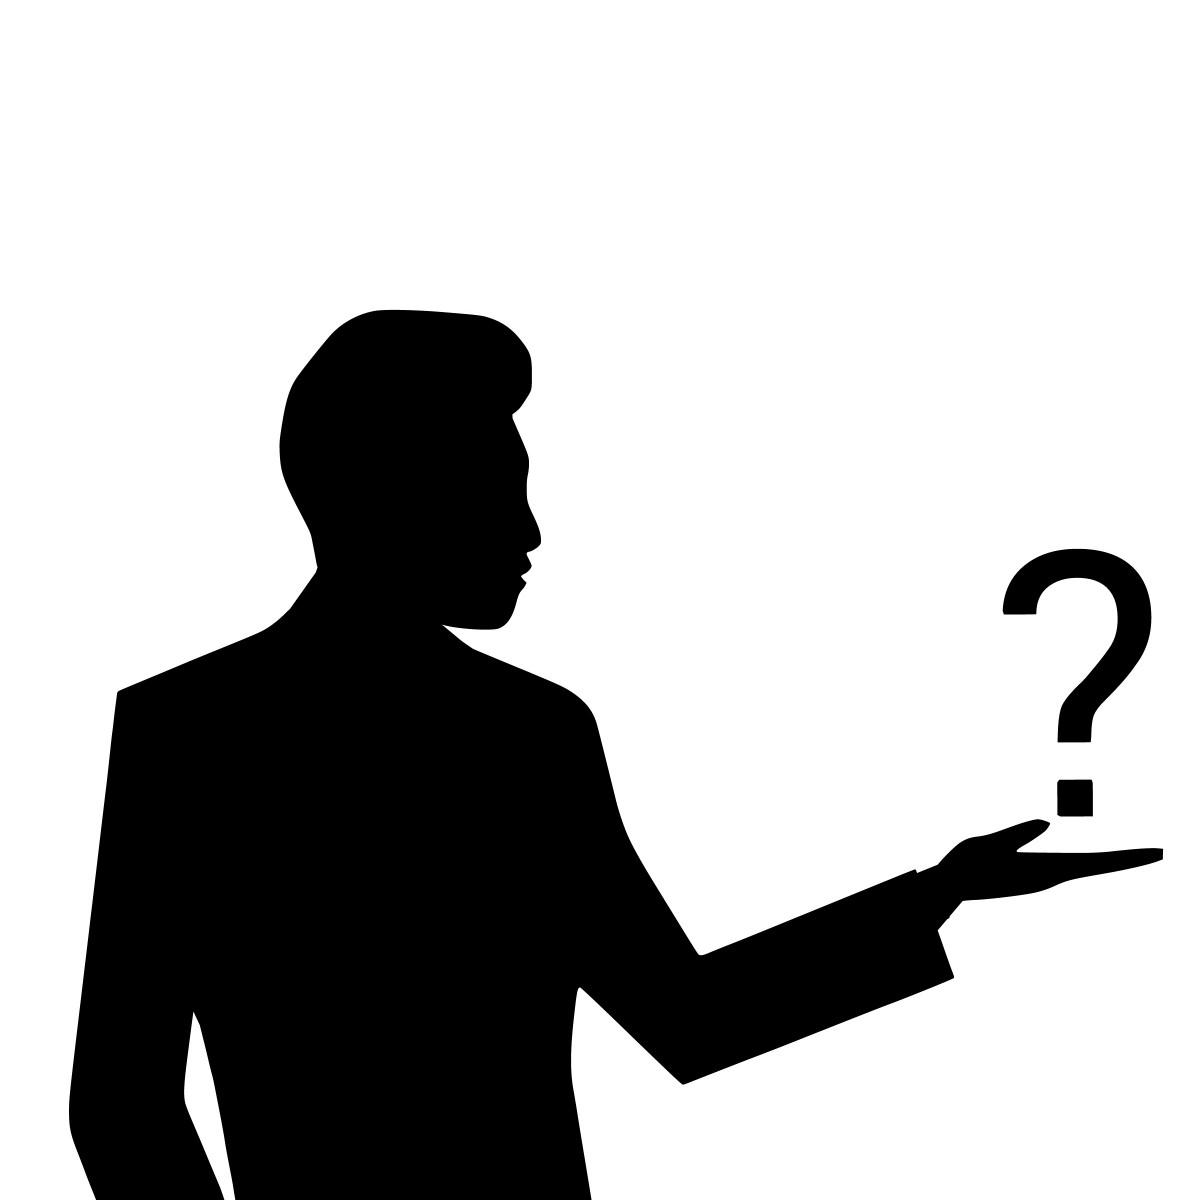 hình ảnh : Câu hỏi, dấu chấm hỏi, đố, bối rối, Huyền bí, tại sao, Faq, Hình bóng, Đàn ông, Người lớn, tự hỏi, Yêu cầu, kinh doanh, Tìm kiếm, Suy nghĩ,